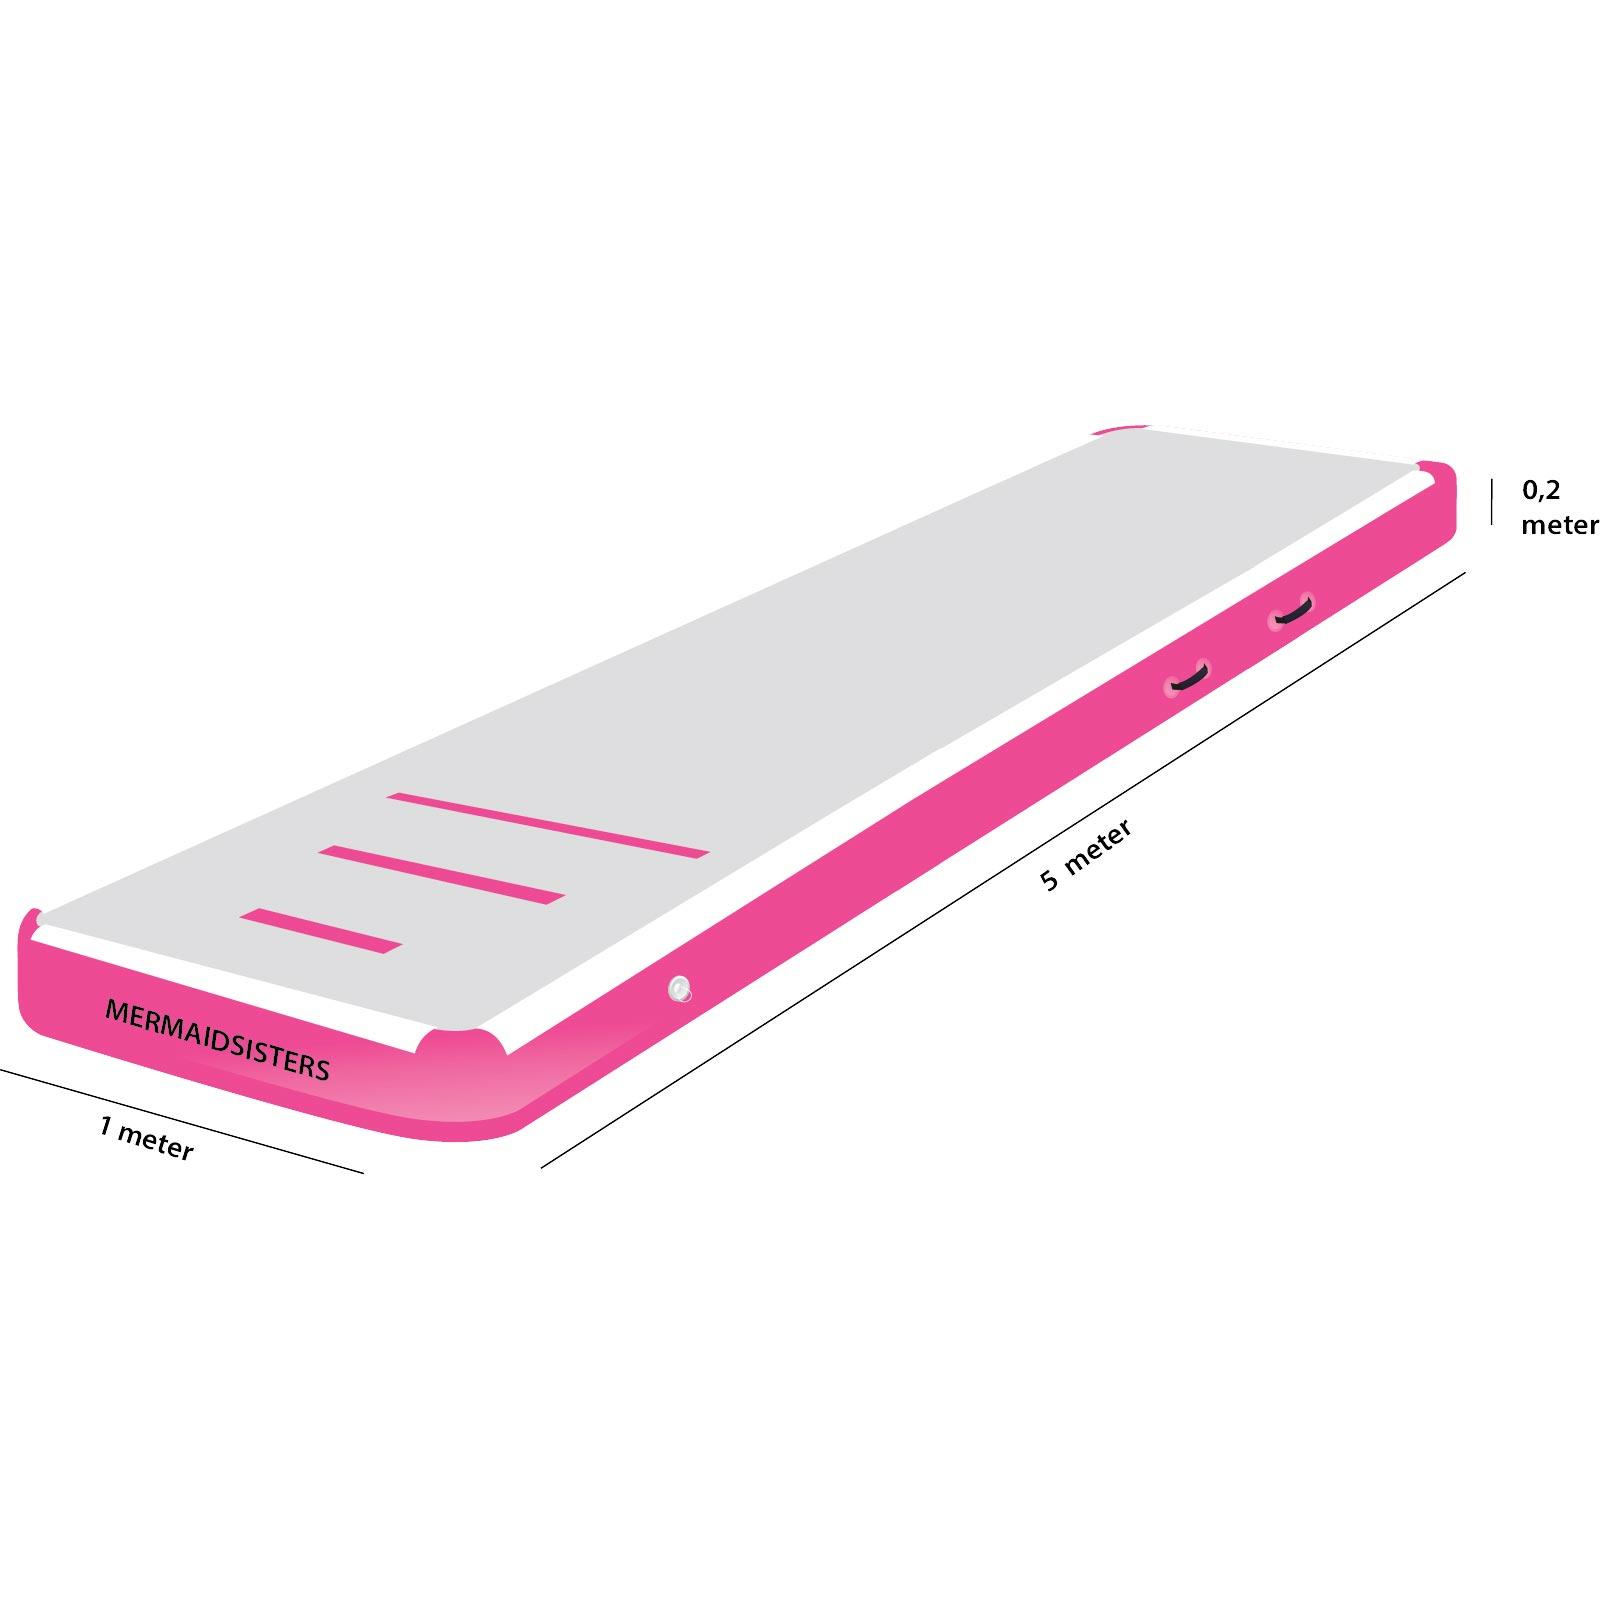 AirTrack 5 meter roze 1 meter breed 20 cm hoog